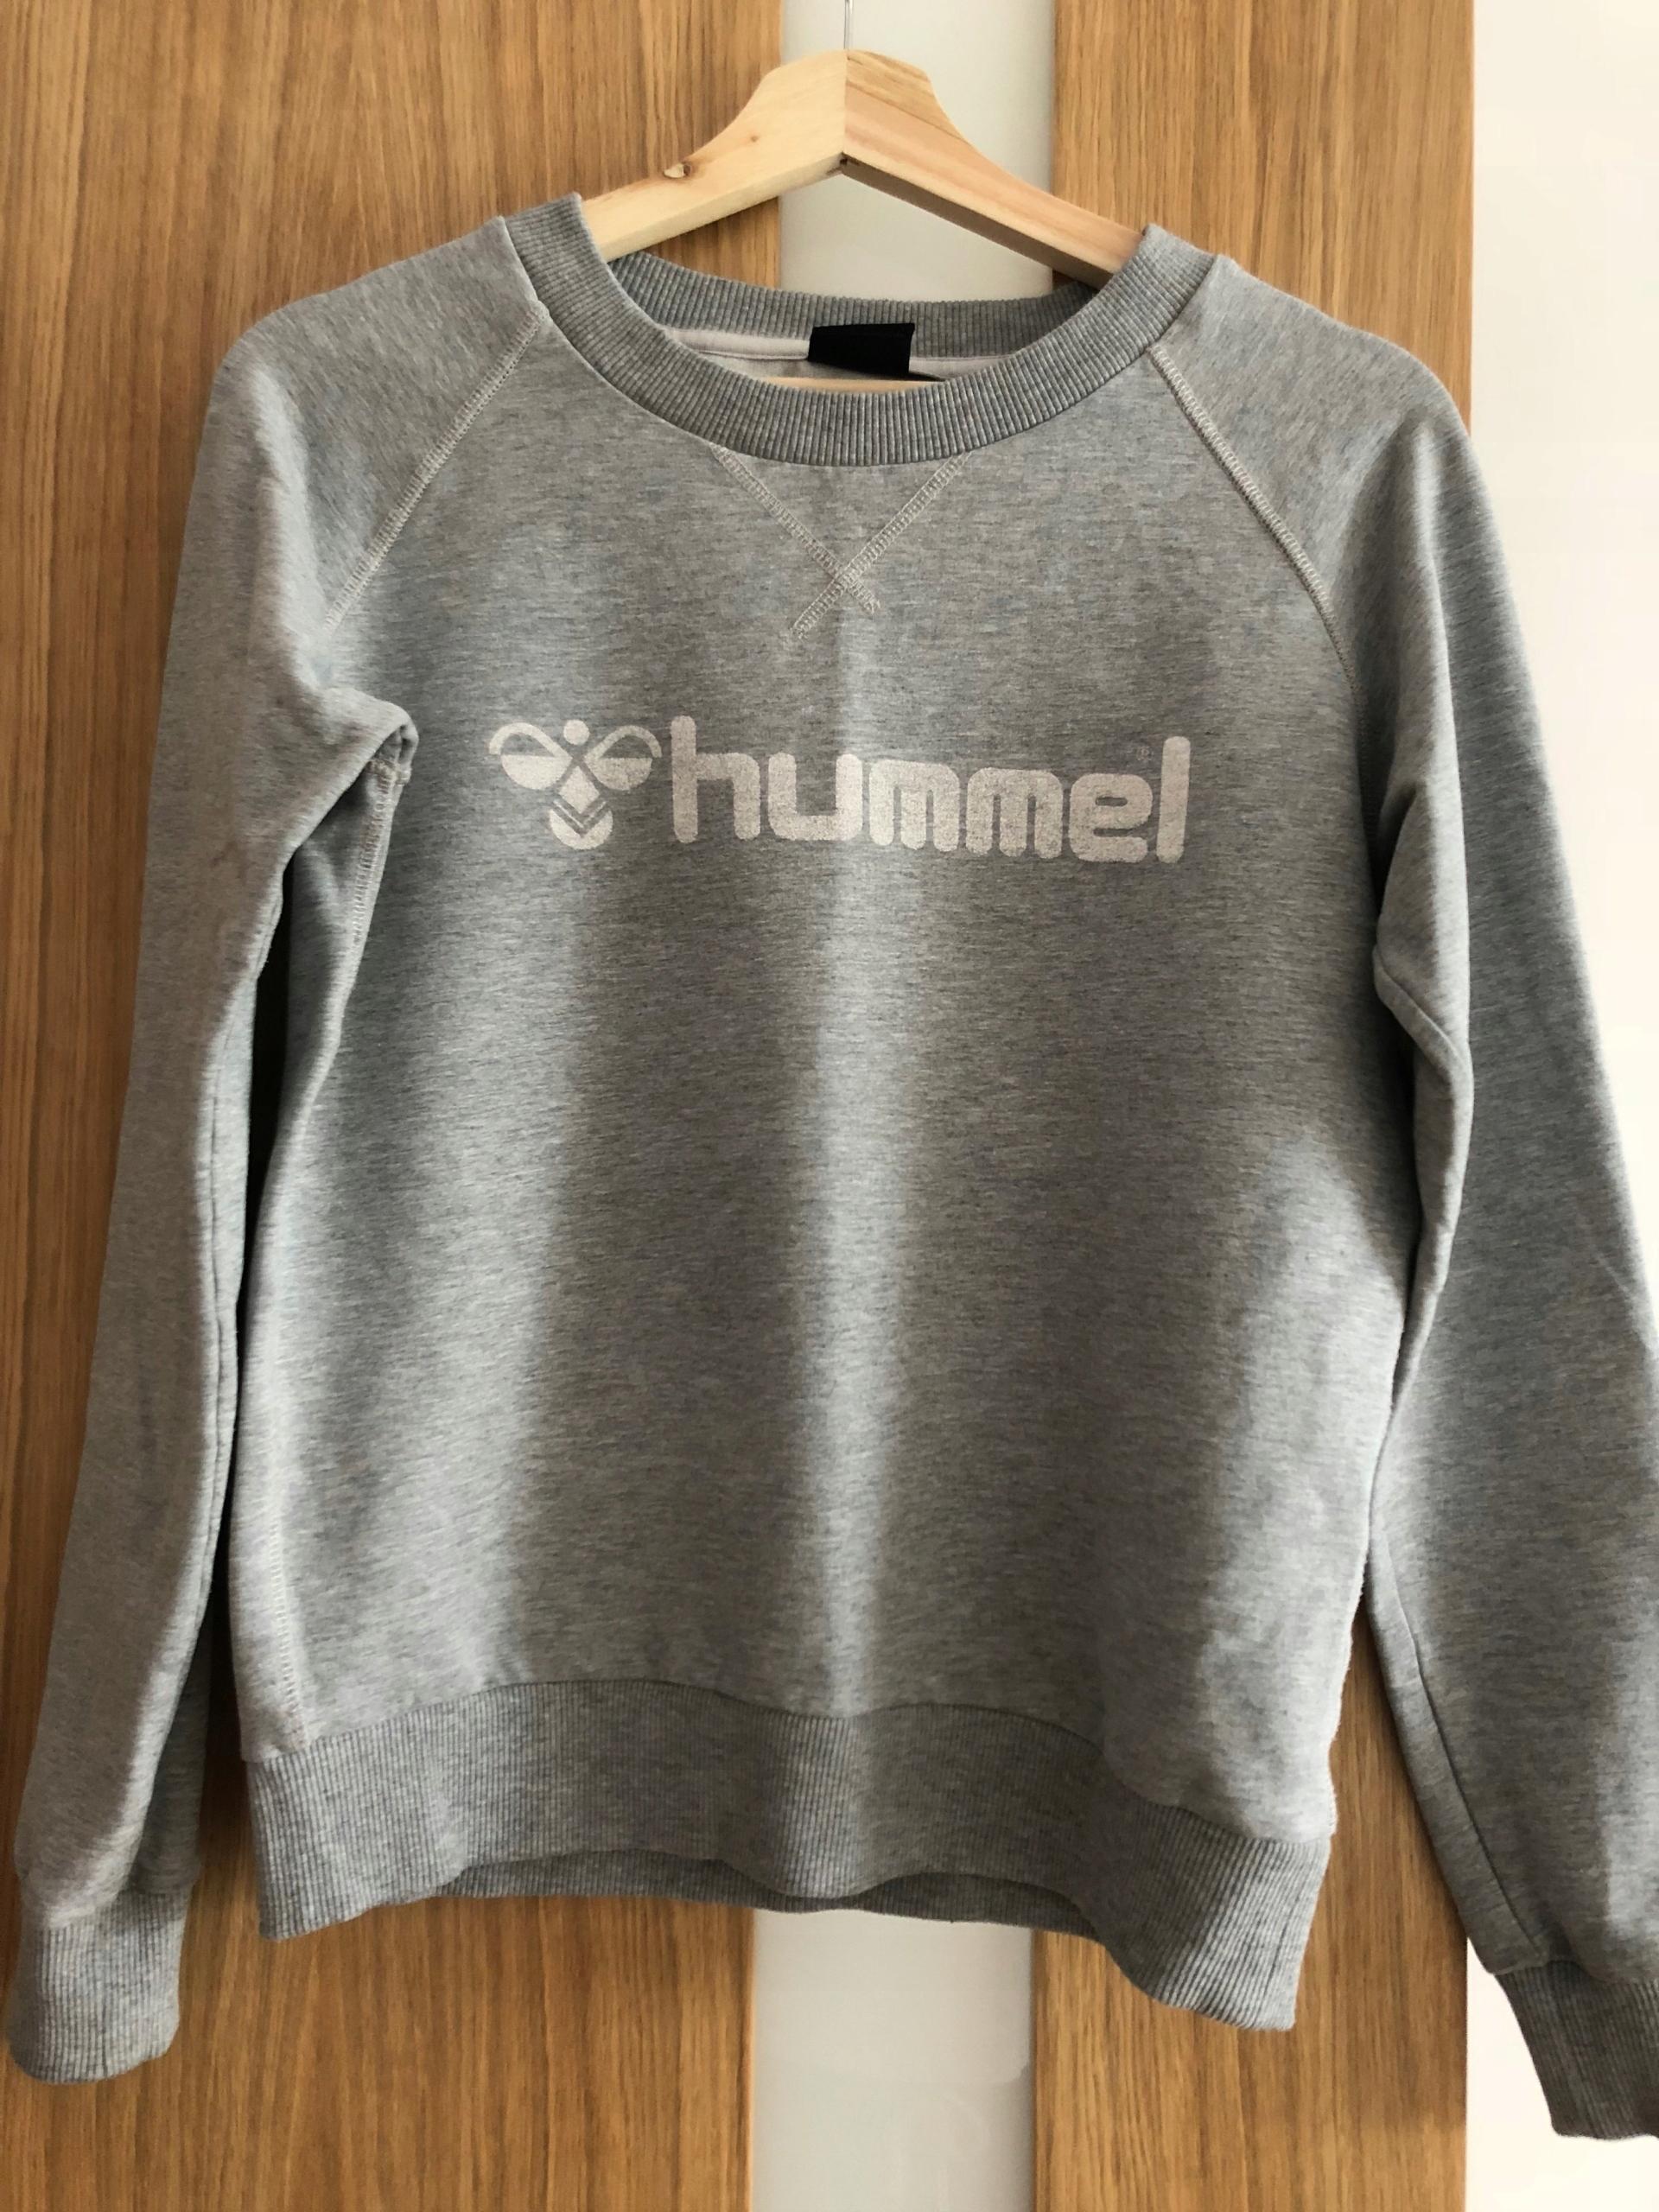 buty skate tania wyprzedaż najlepszy design Bluza Hummel Szara - 7549396144 - oficjalne archiwum allegro